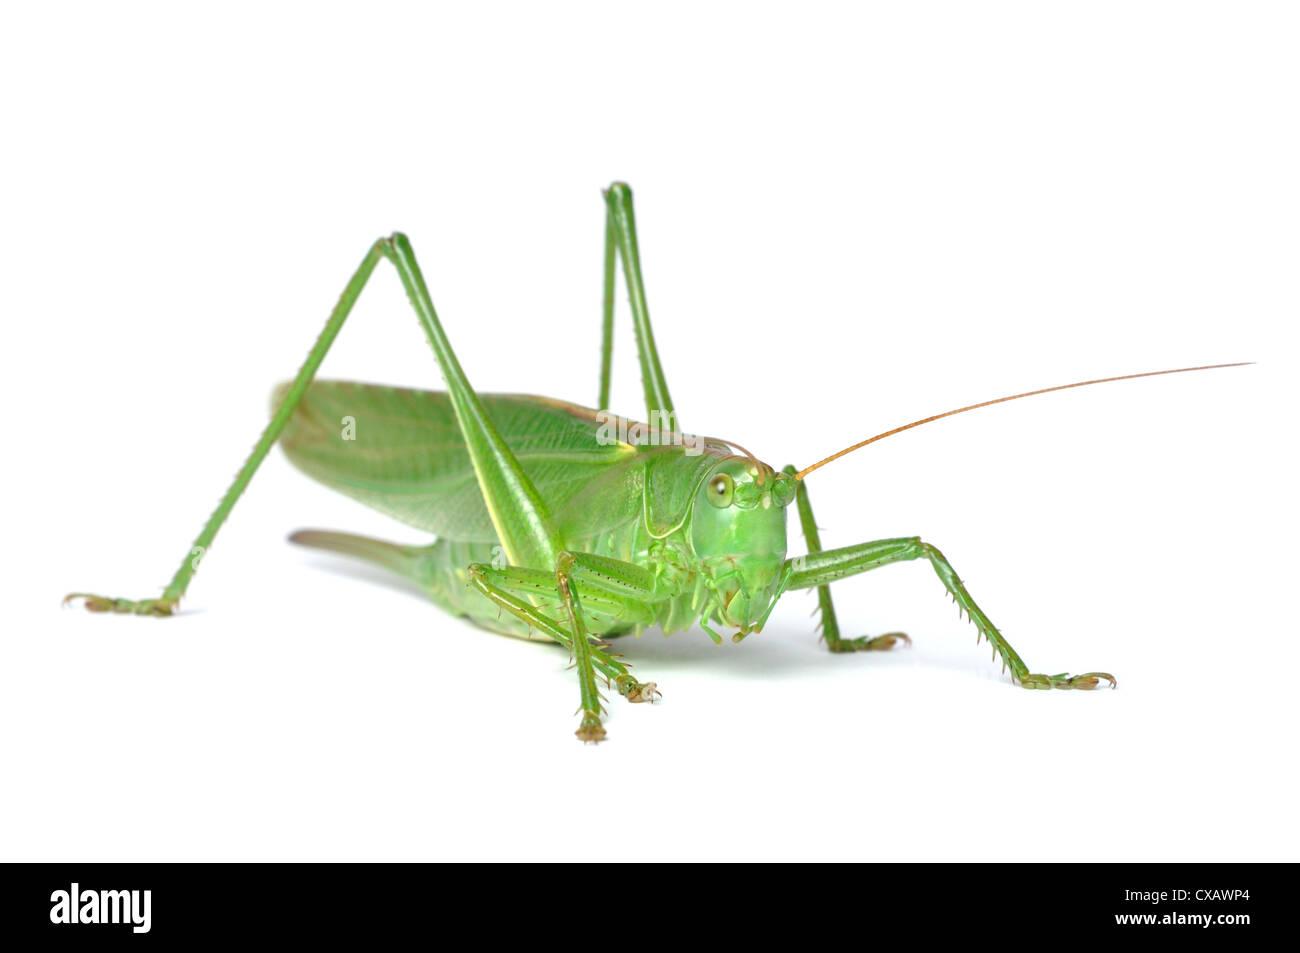 Große grüne Bush-Cricket (Tettigonia Viridissima) isoliert auf weißem Hintergrund Stockbild